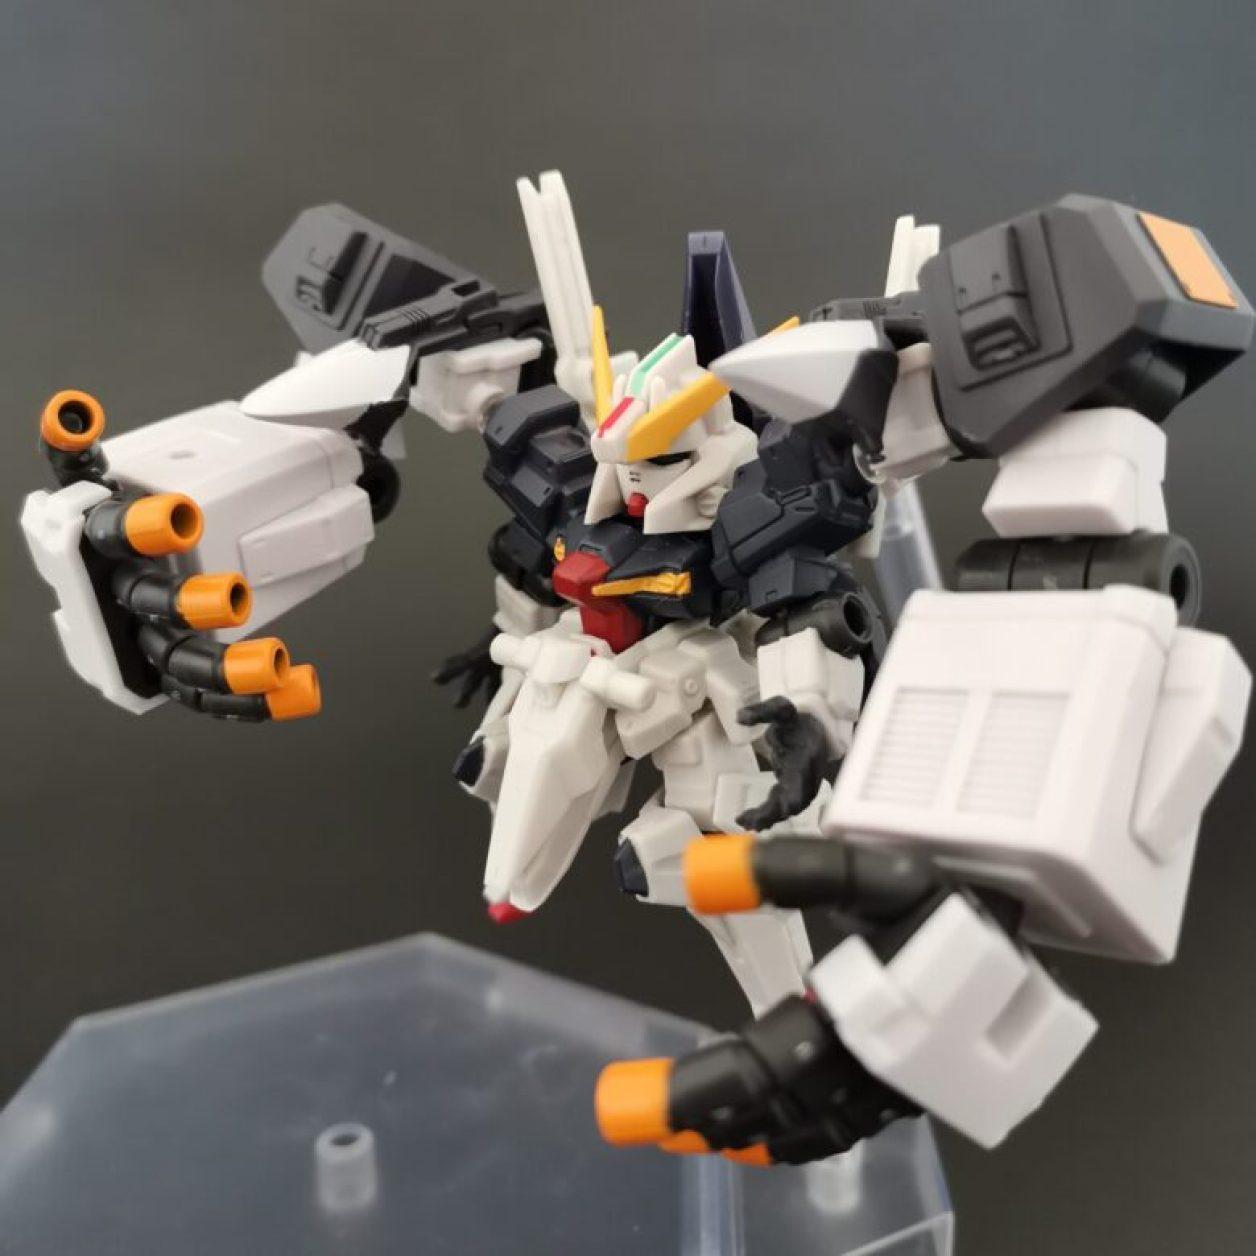 mobile suit ensemble (モビルスーツアンサンブル)ex23弾のガンダムtr-1[ヘイズル·アウスラ](ギガンティックアームユニット装備)と09弾のハイゼンスレイIIを組み合わせたハイゼンスレイIIラーにギガンティックアームユニットを装備させてニューフライングベースでディスプレイした画像